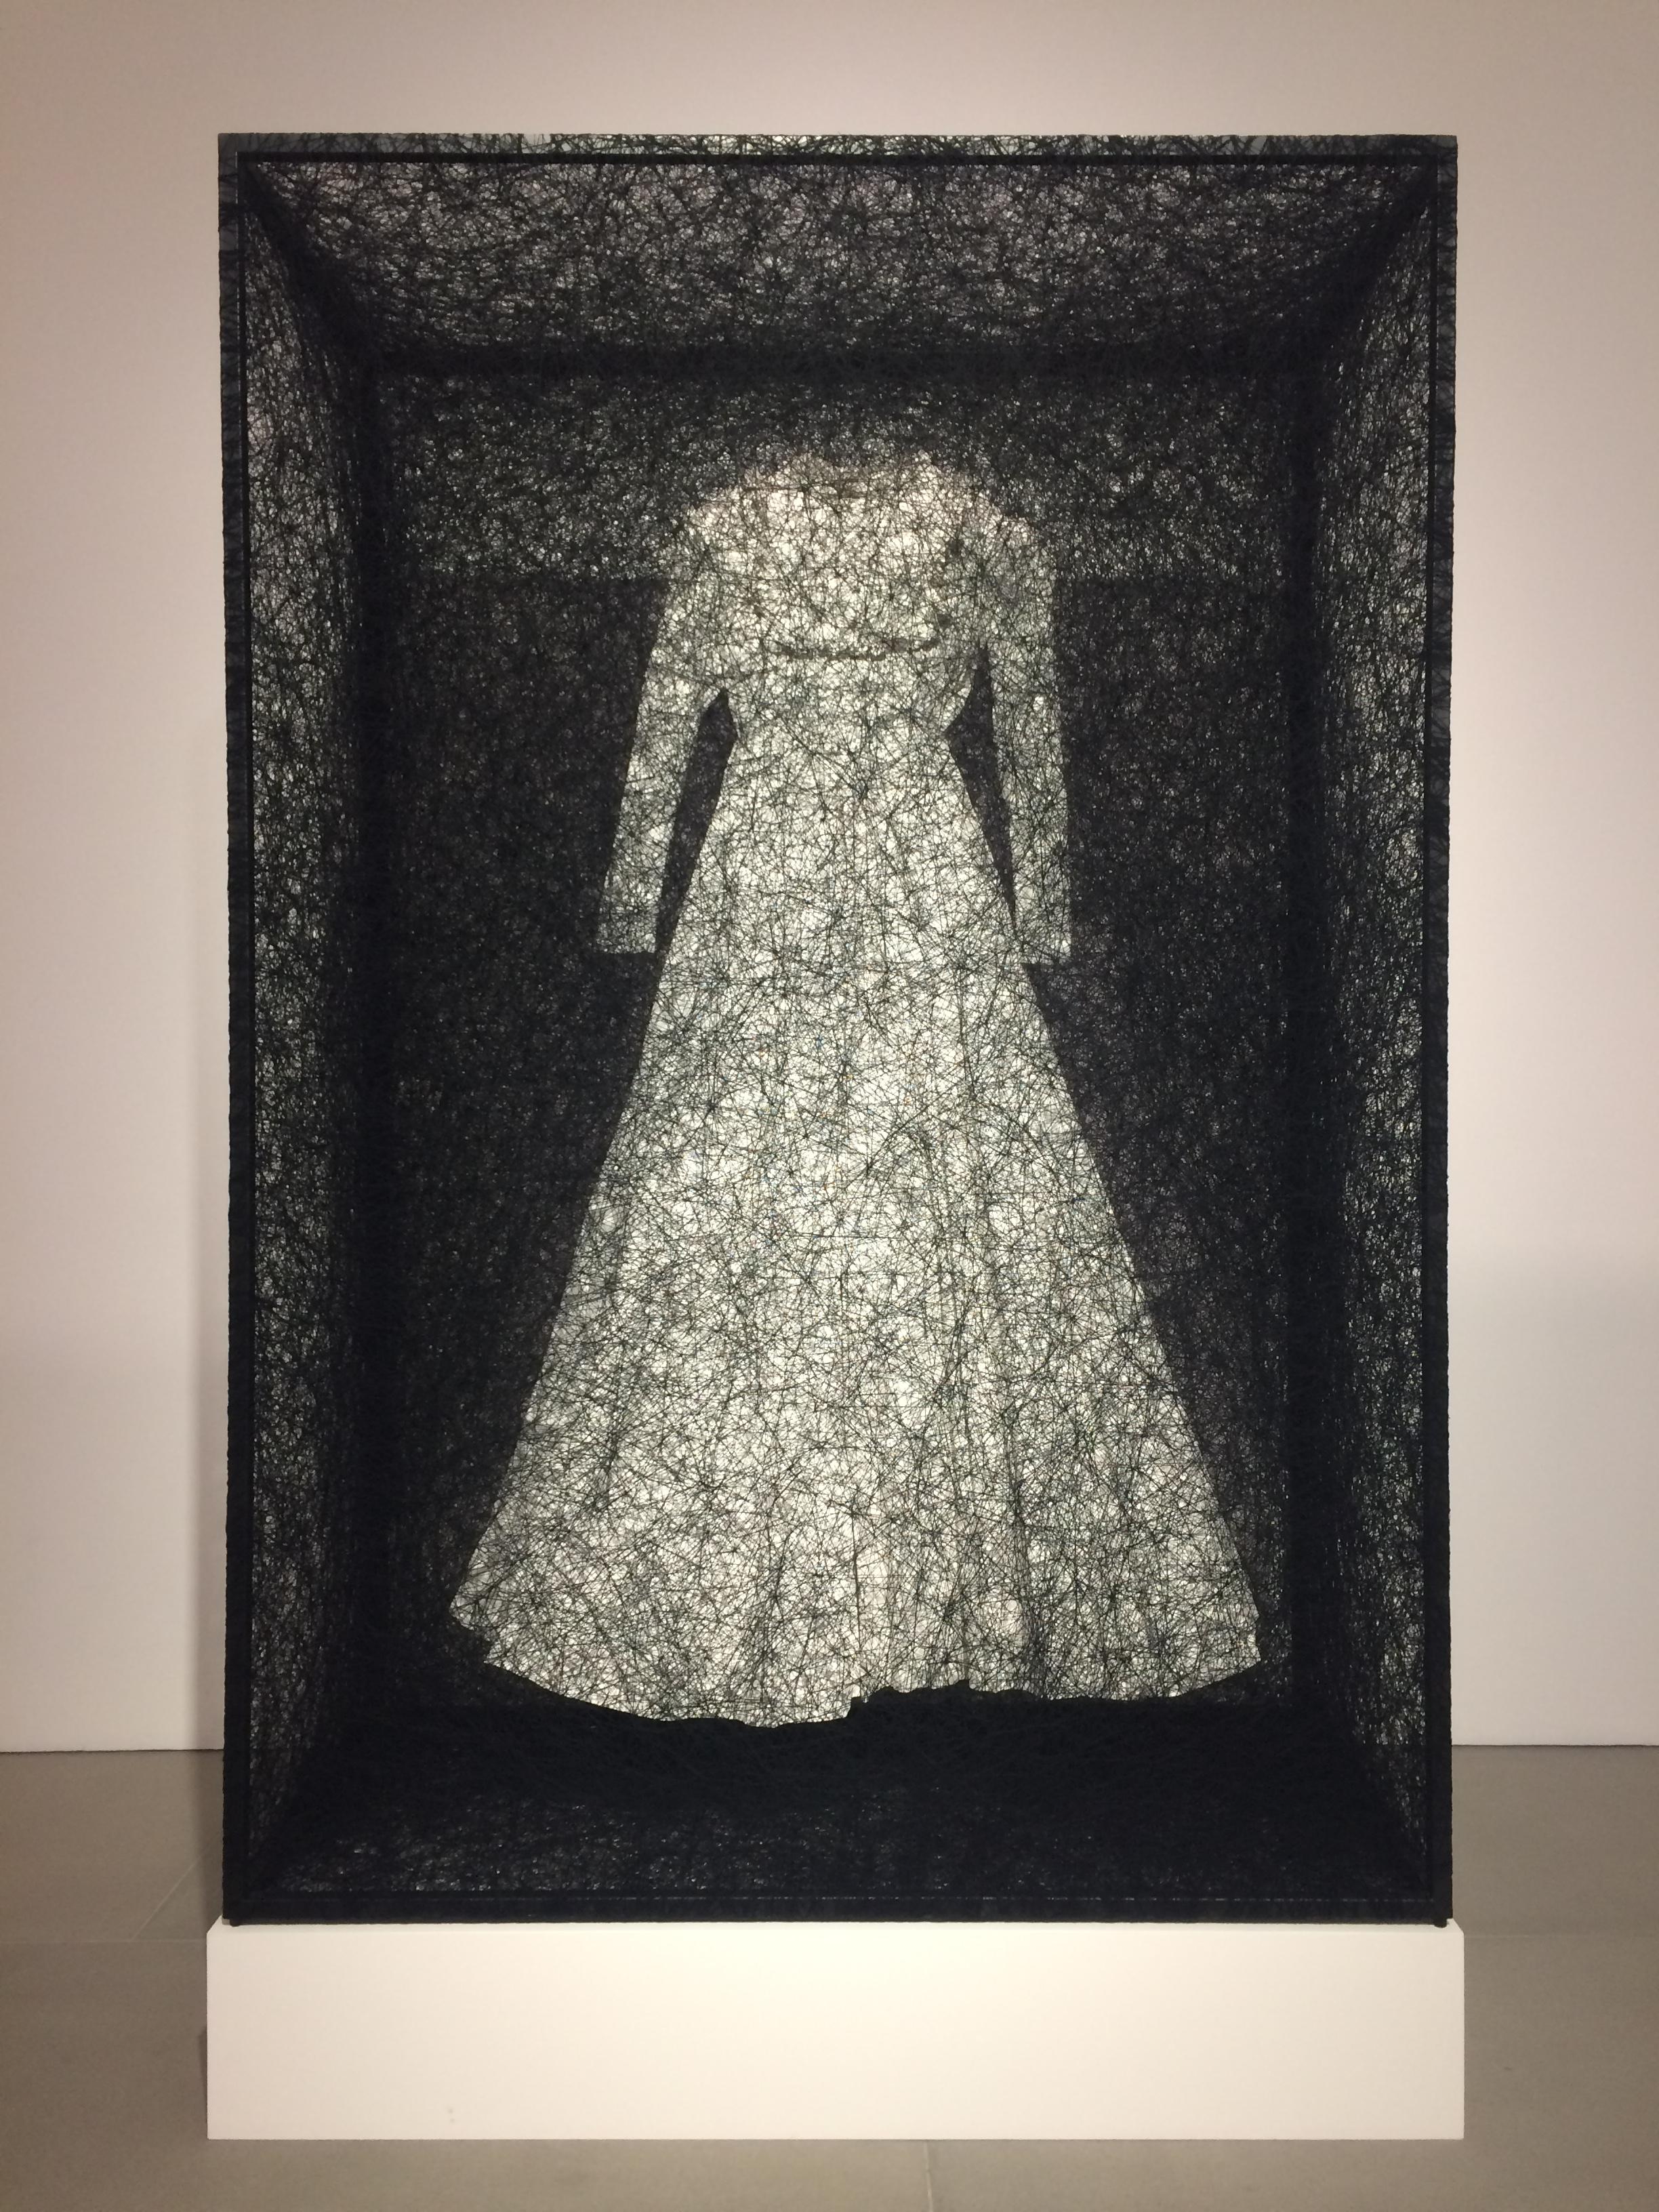 Chiharu Shiota - State of being dress